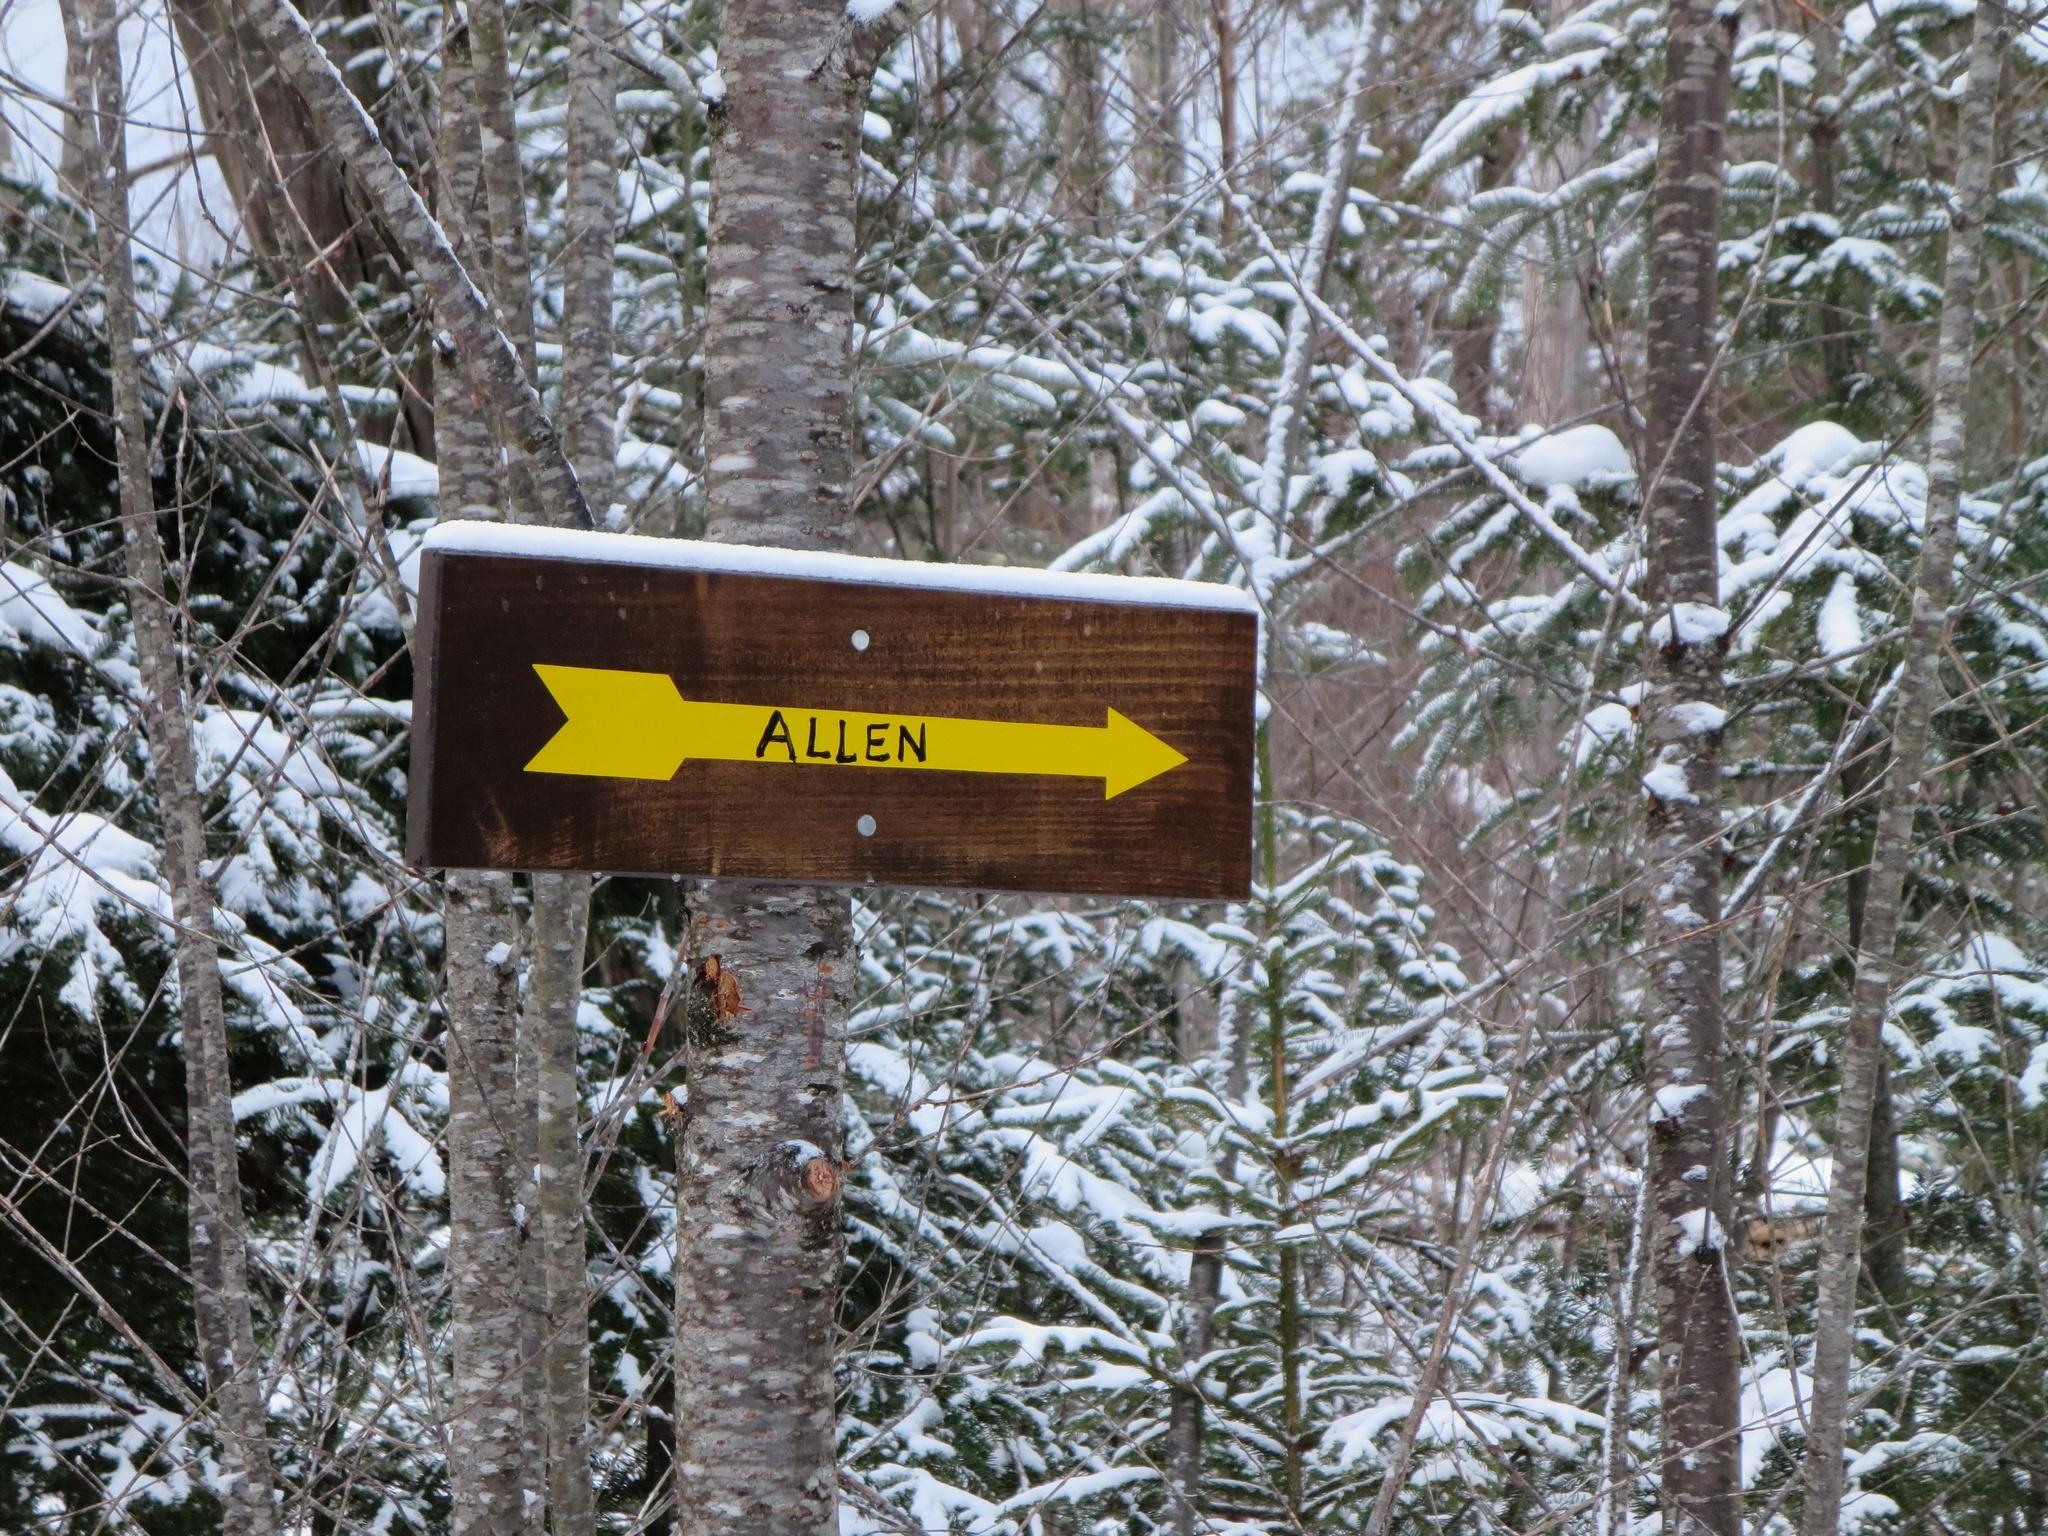 Allen trail-sign